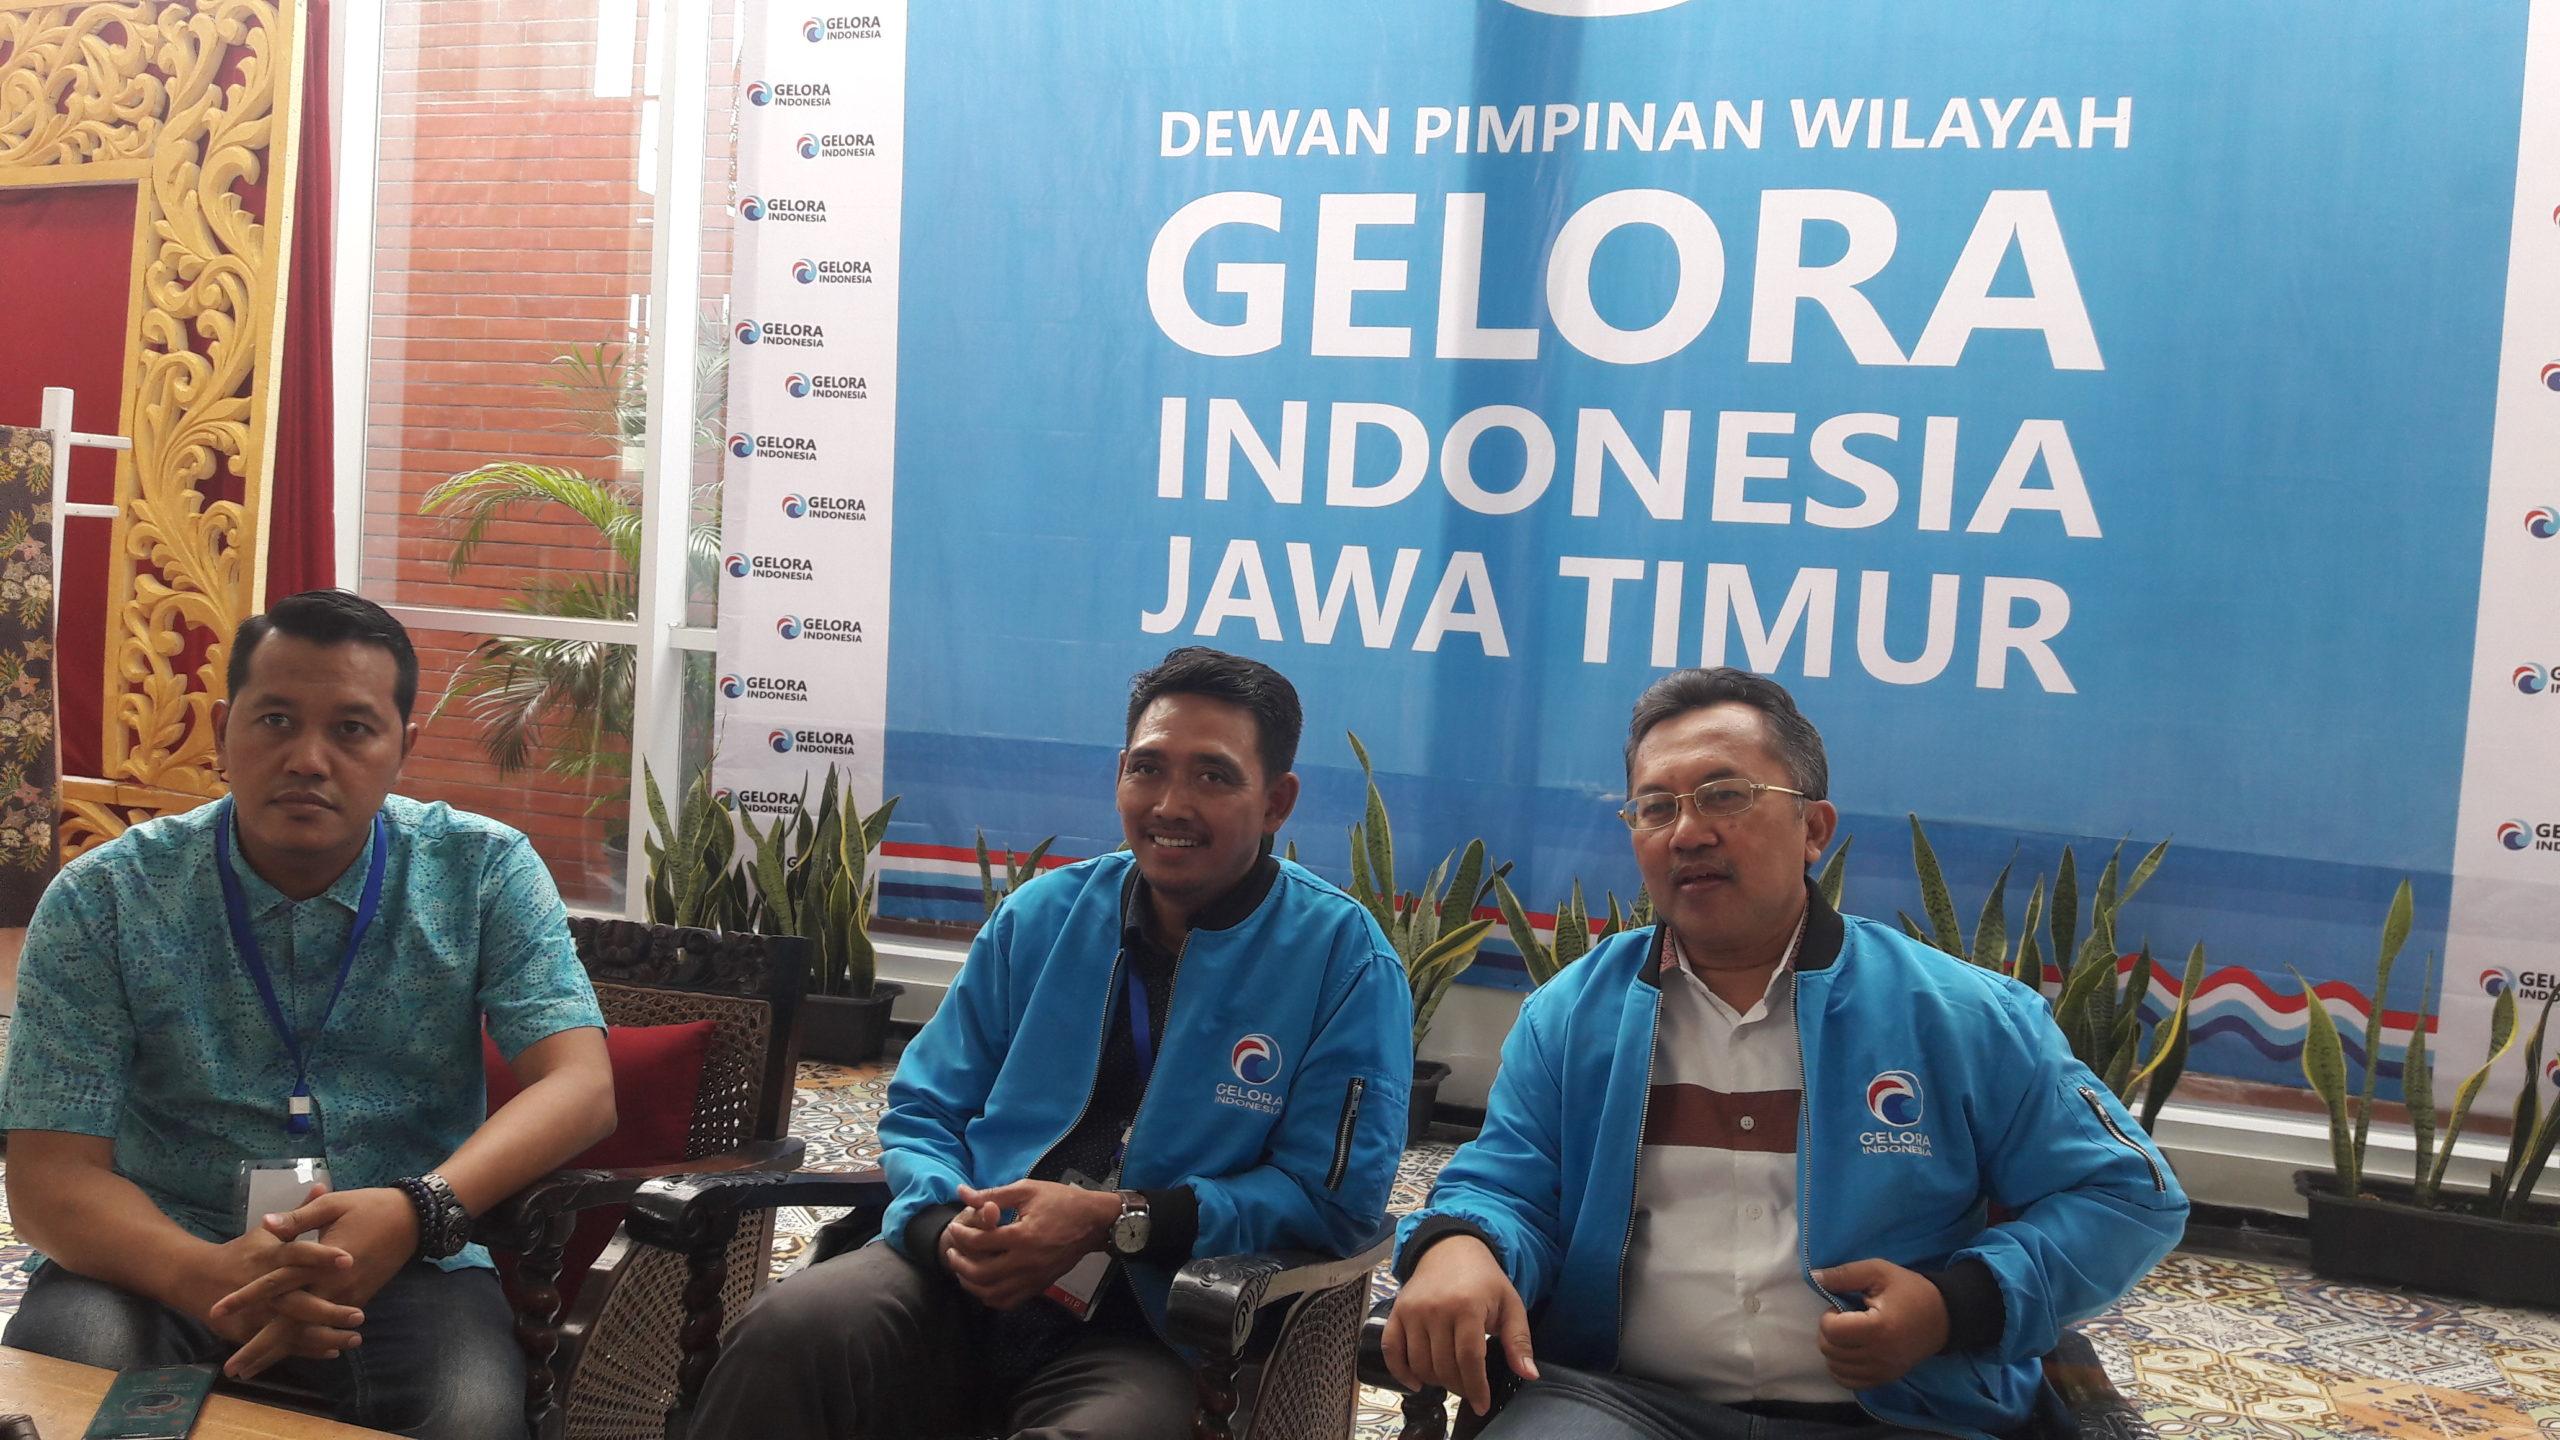 Dewan Pimpinan Wilayah (DPW) Partai Gelora Jatim optimis partainya akan lolos dalam Electoral Threshold (ET)